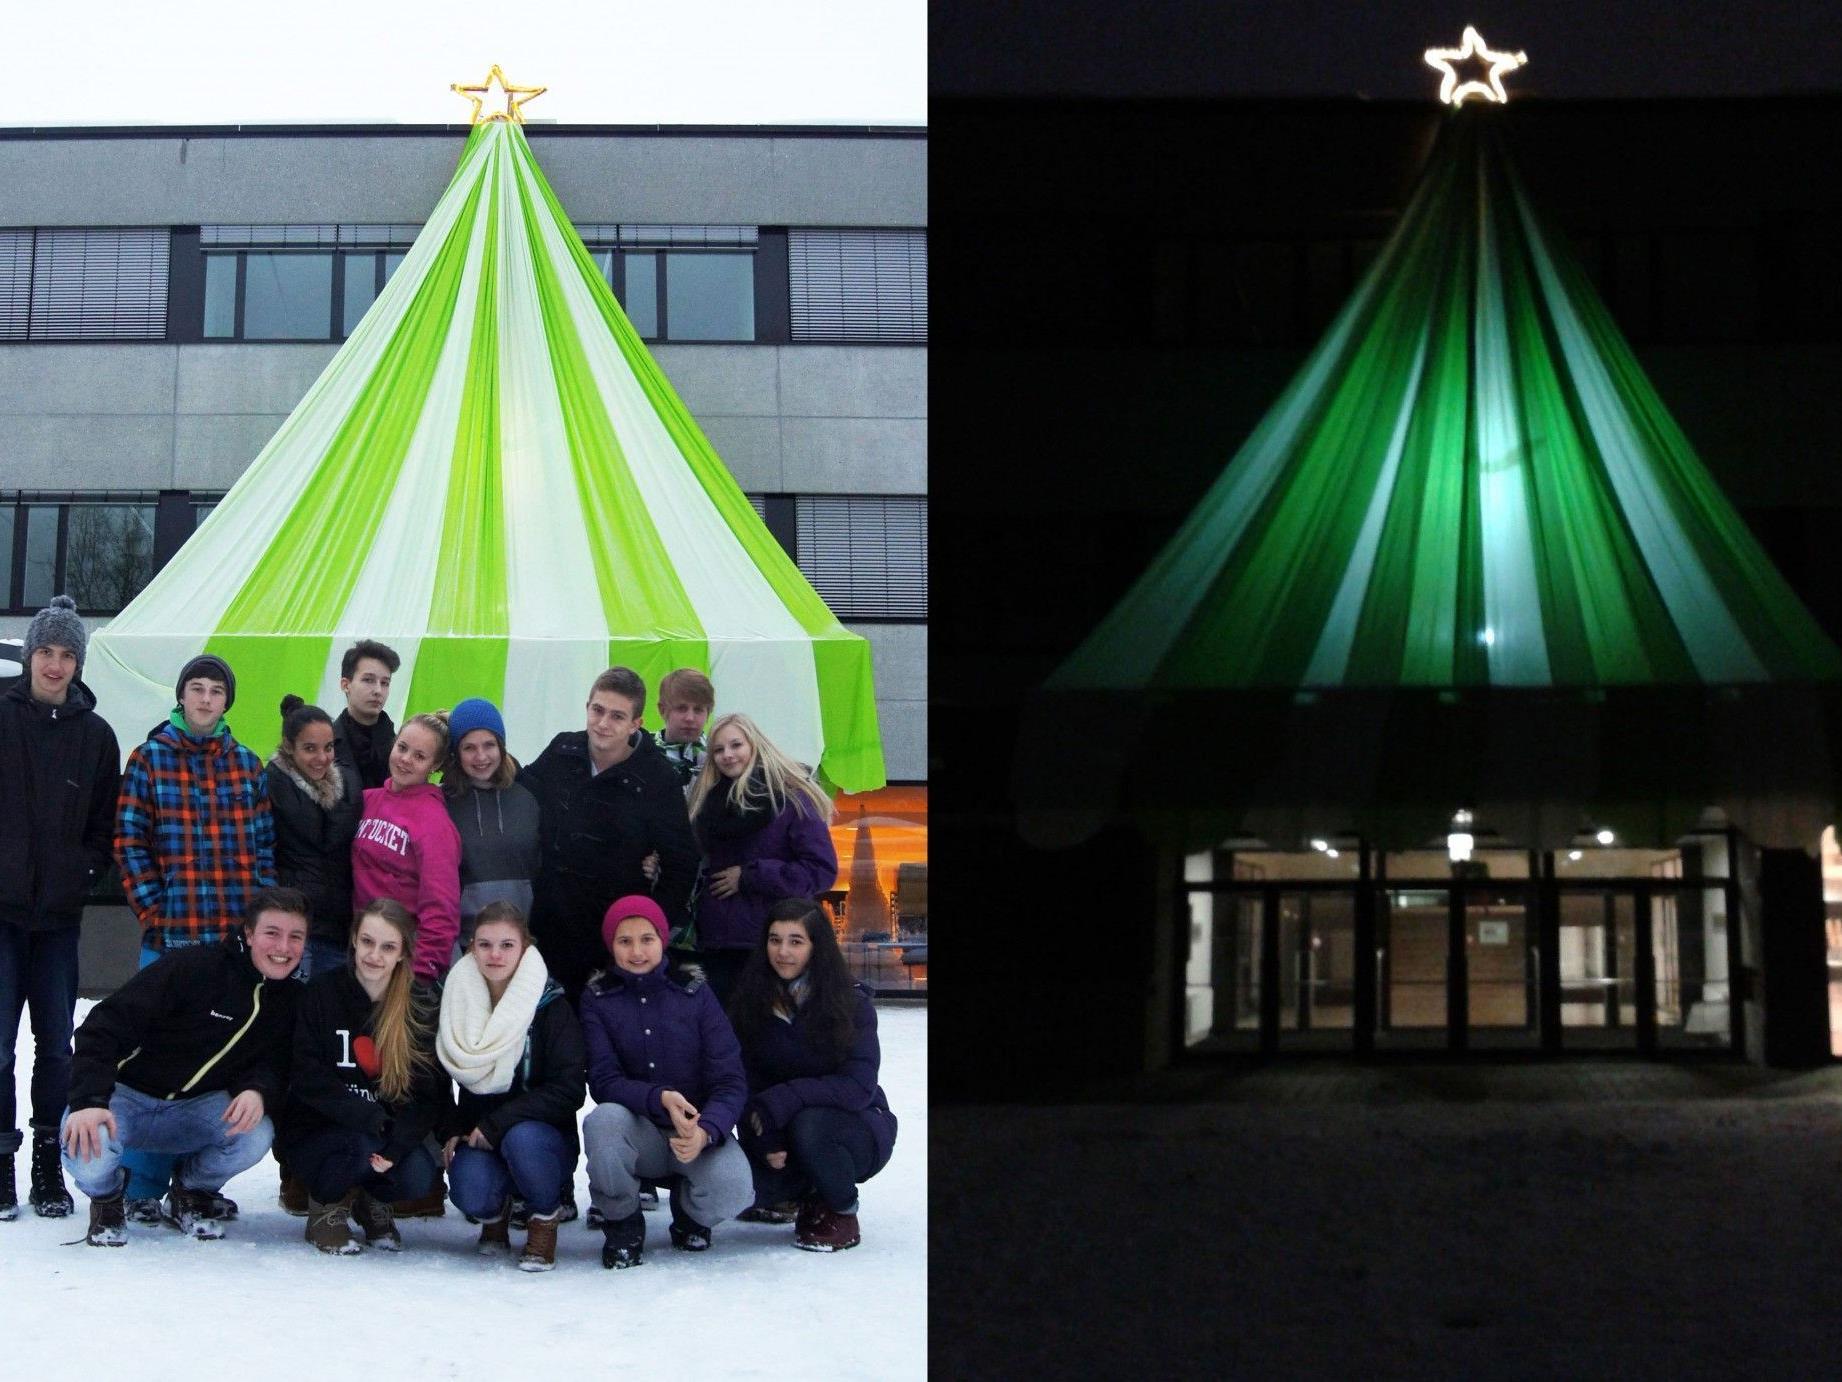 Die Schülerinnen und Schüler vor ihrem Werk und der leuchtende Stern in der Nacht.